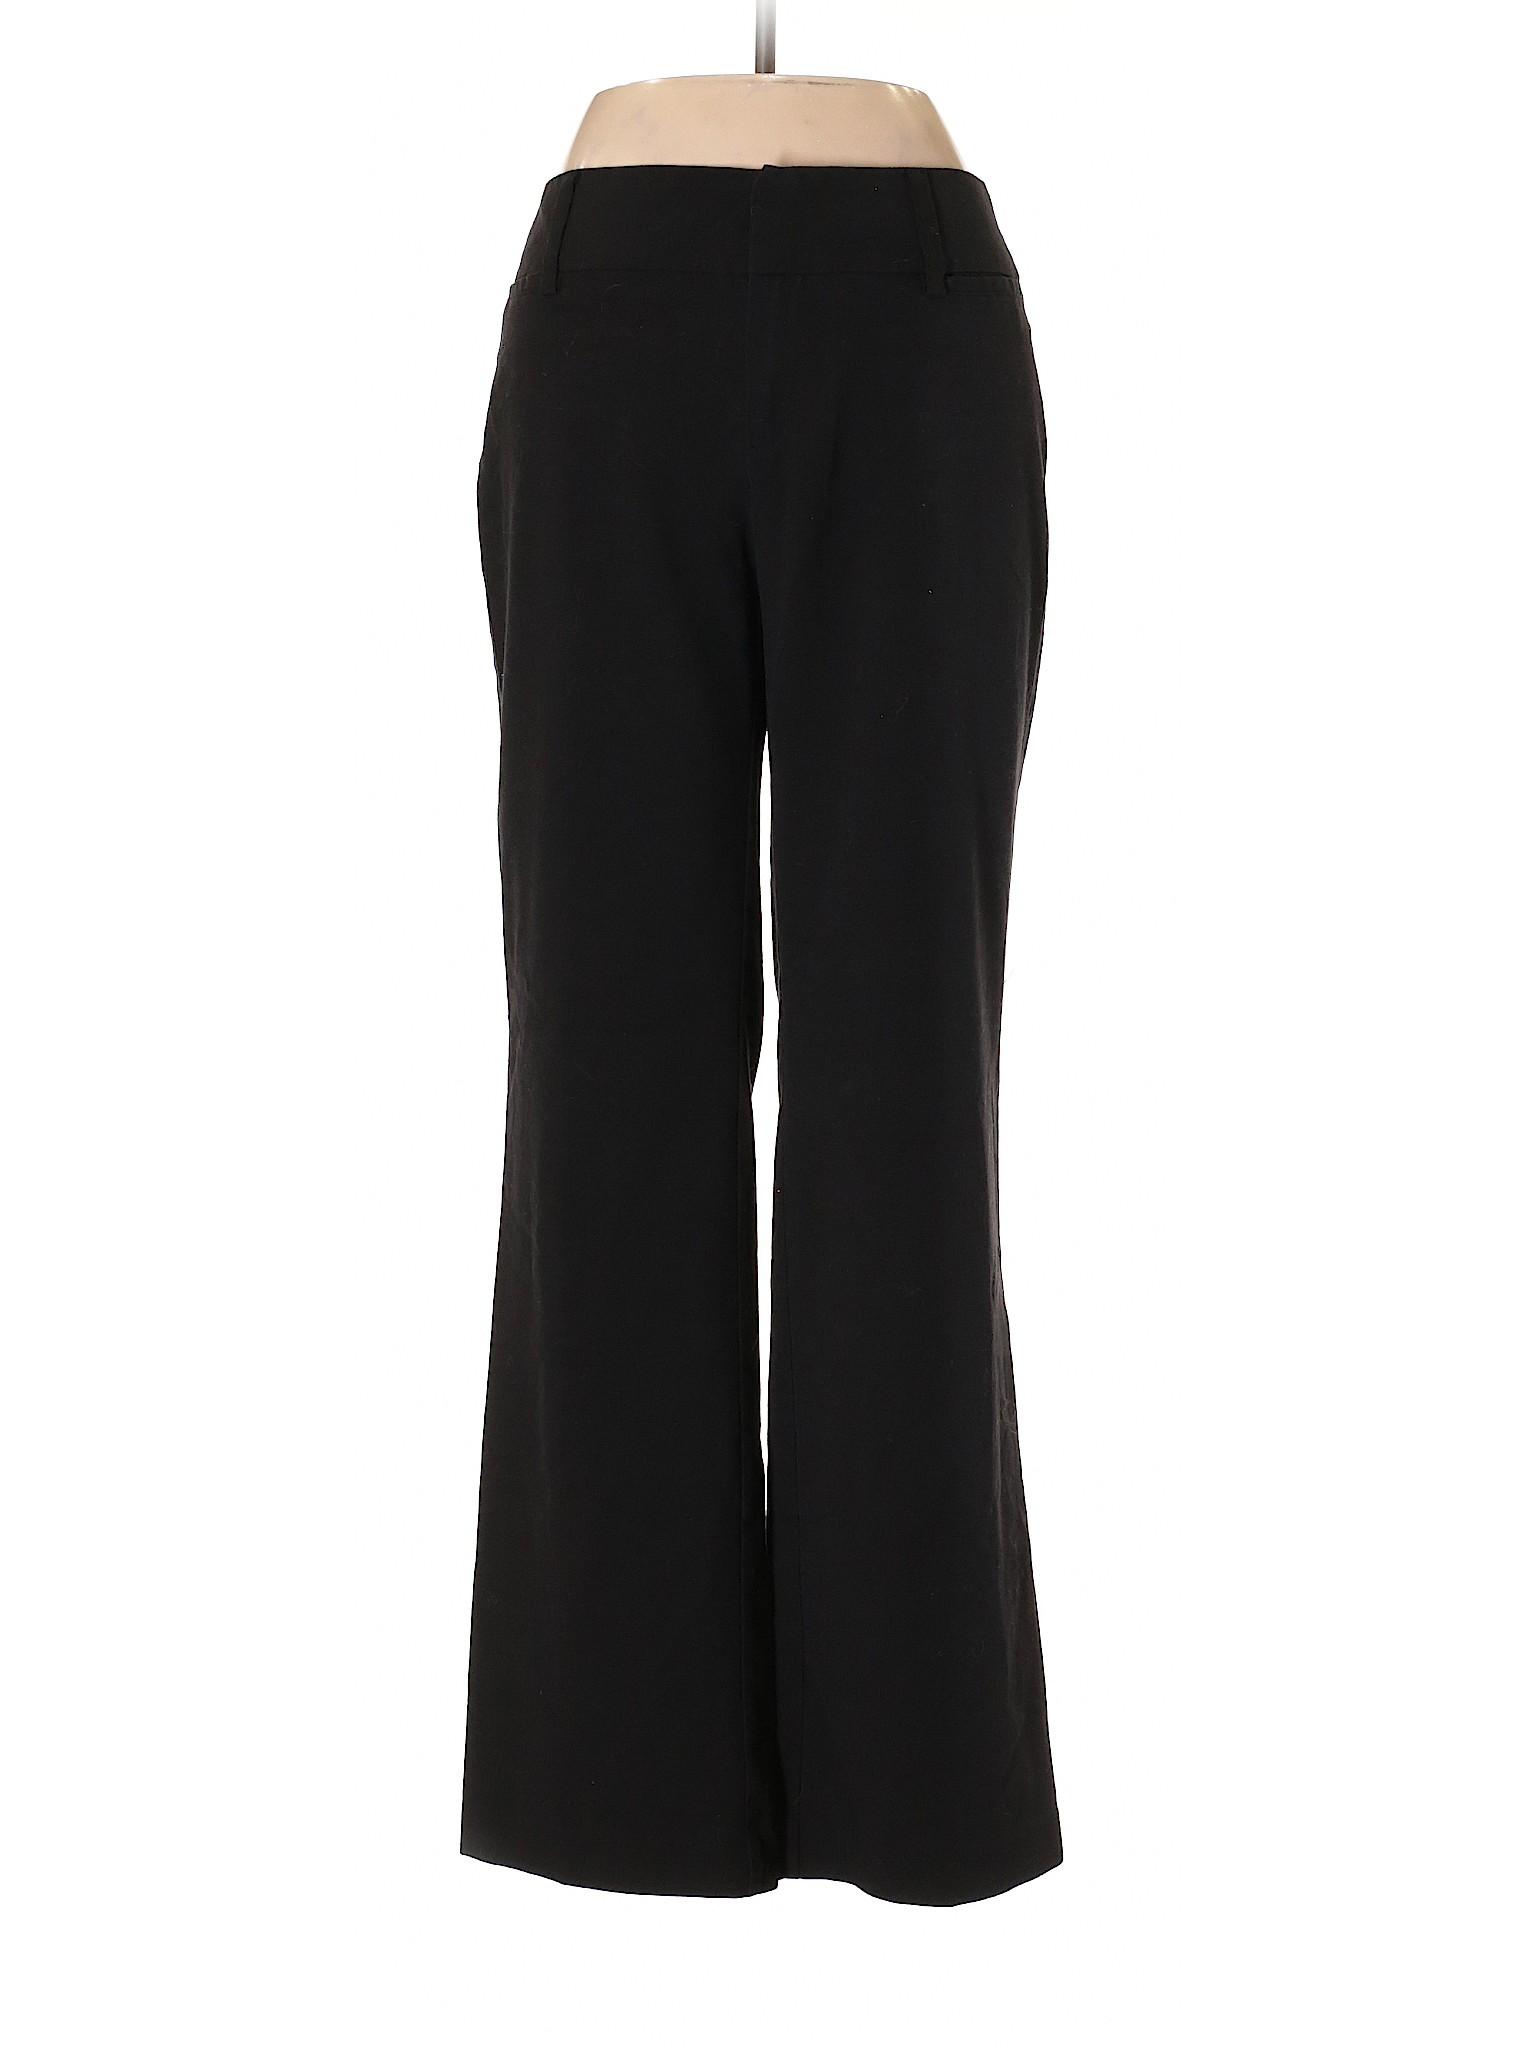 Boutique winter winter Boutique Pants AGB AGB Dress Pants Dress qRqUr1wZ